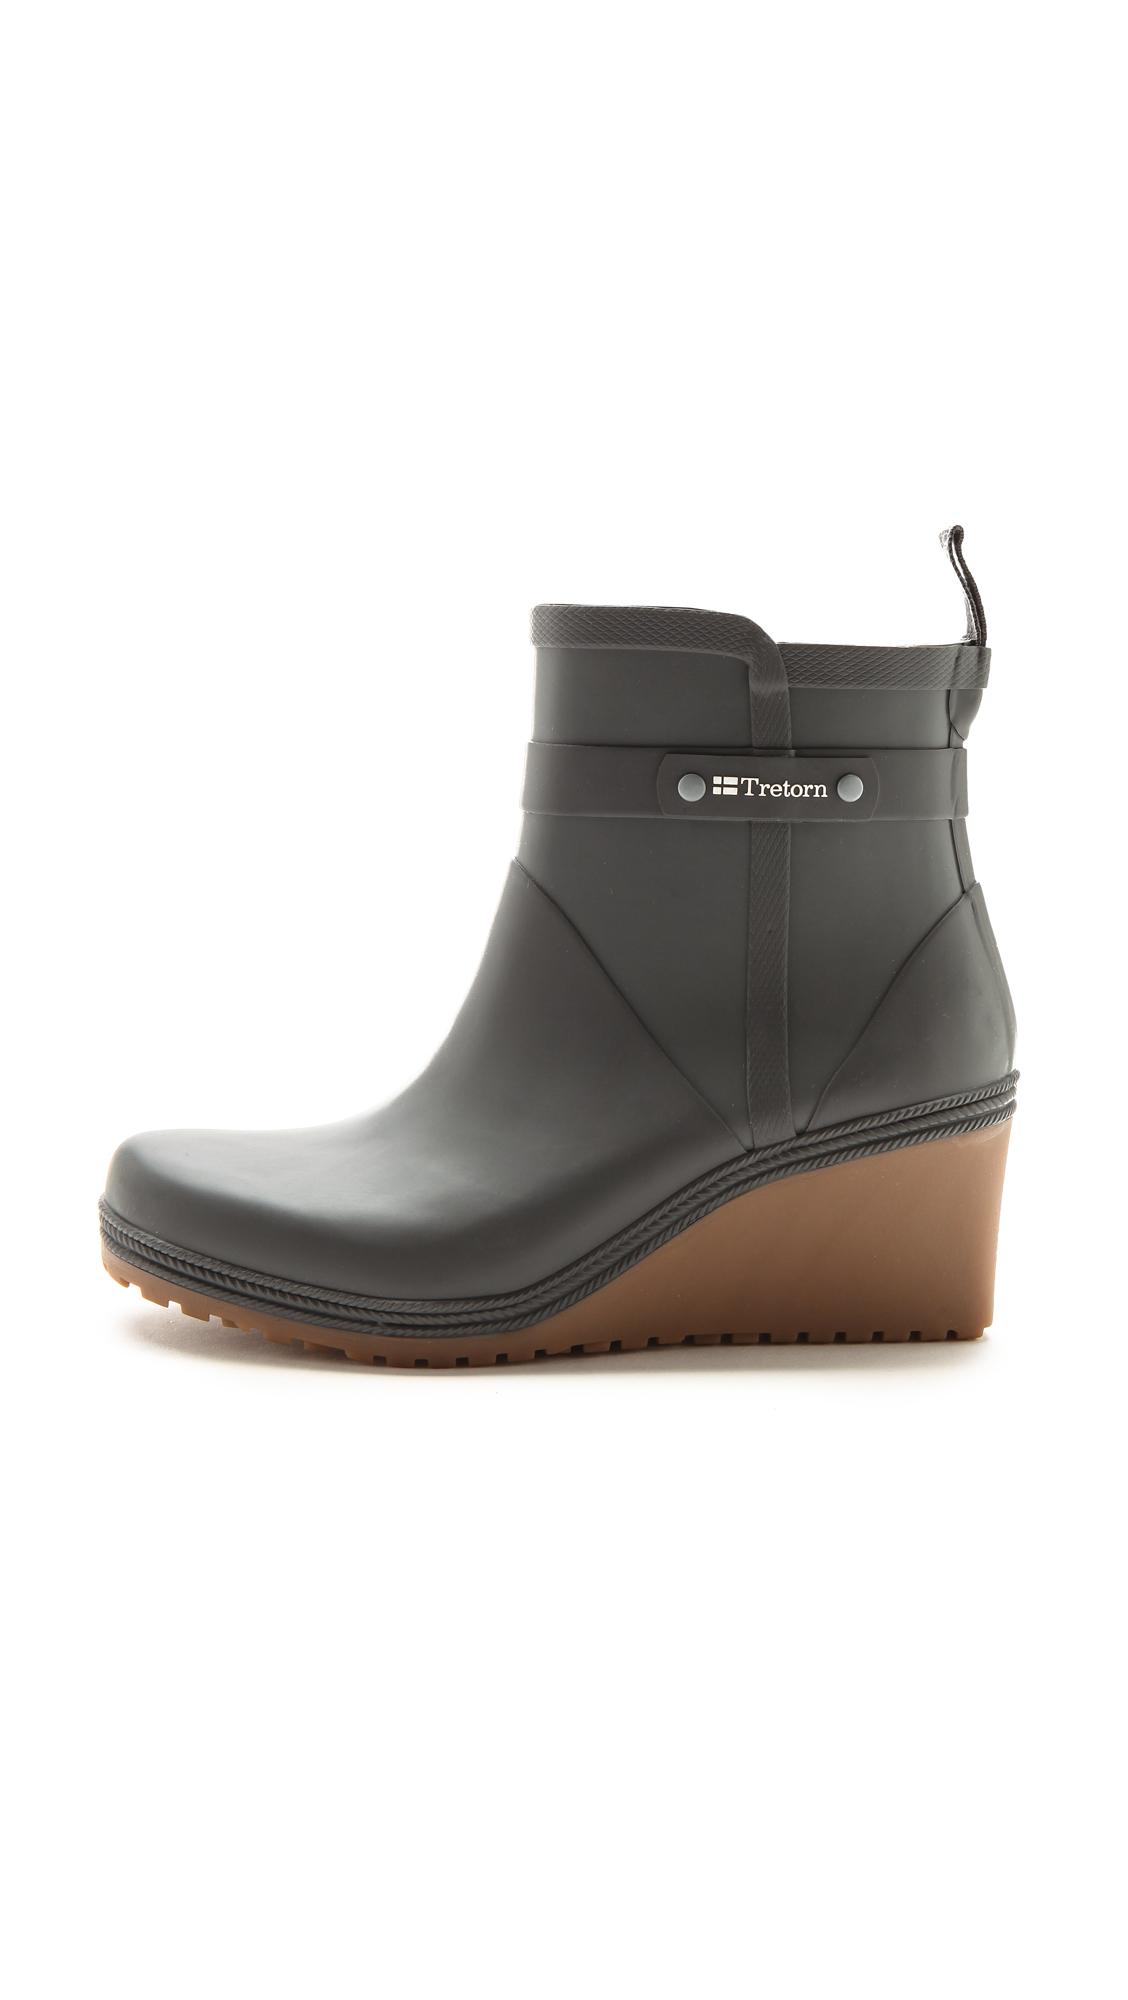 Tretorn Plask Mid Wedge Rain Boots - Gunmetal in Metallic | Lyst